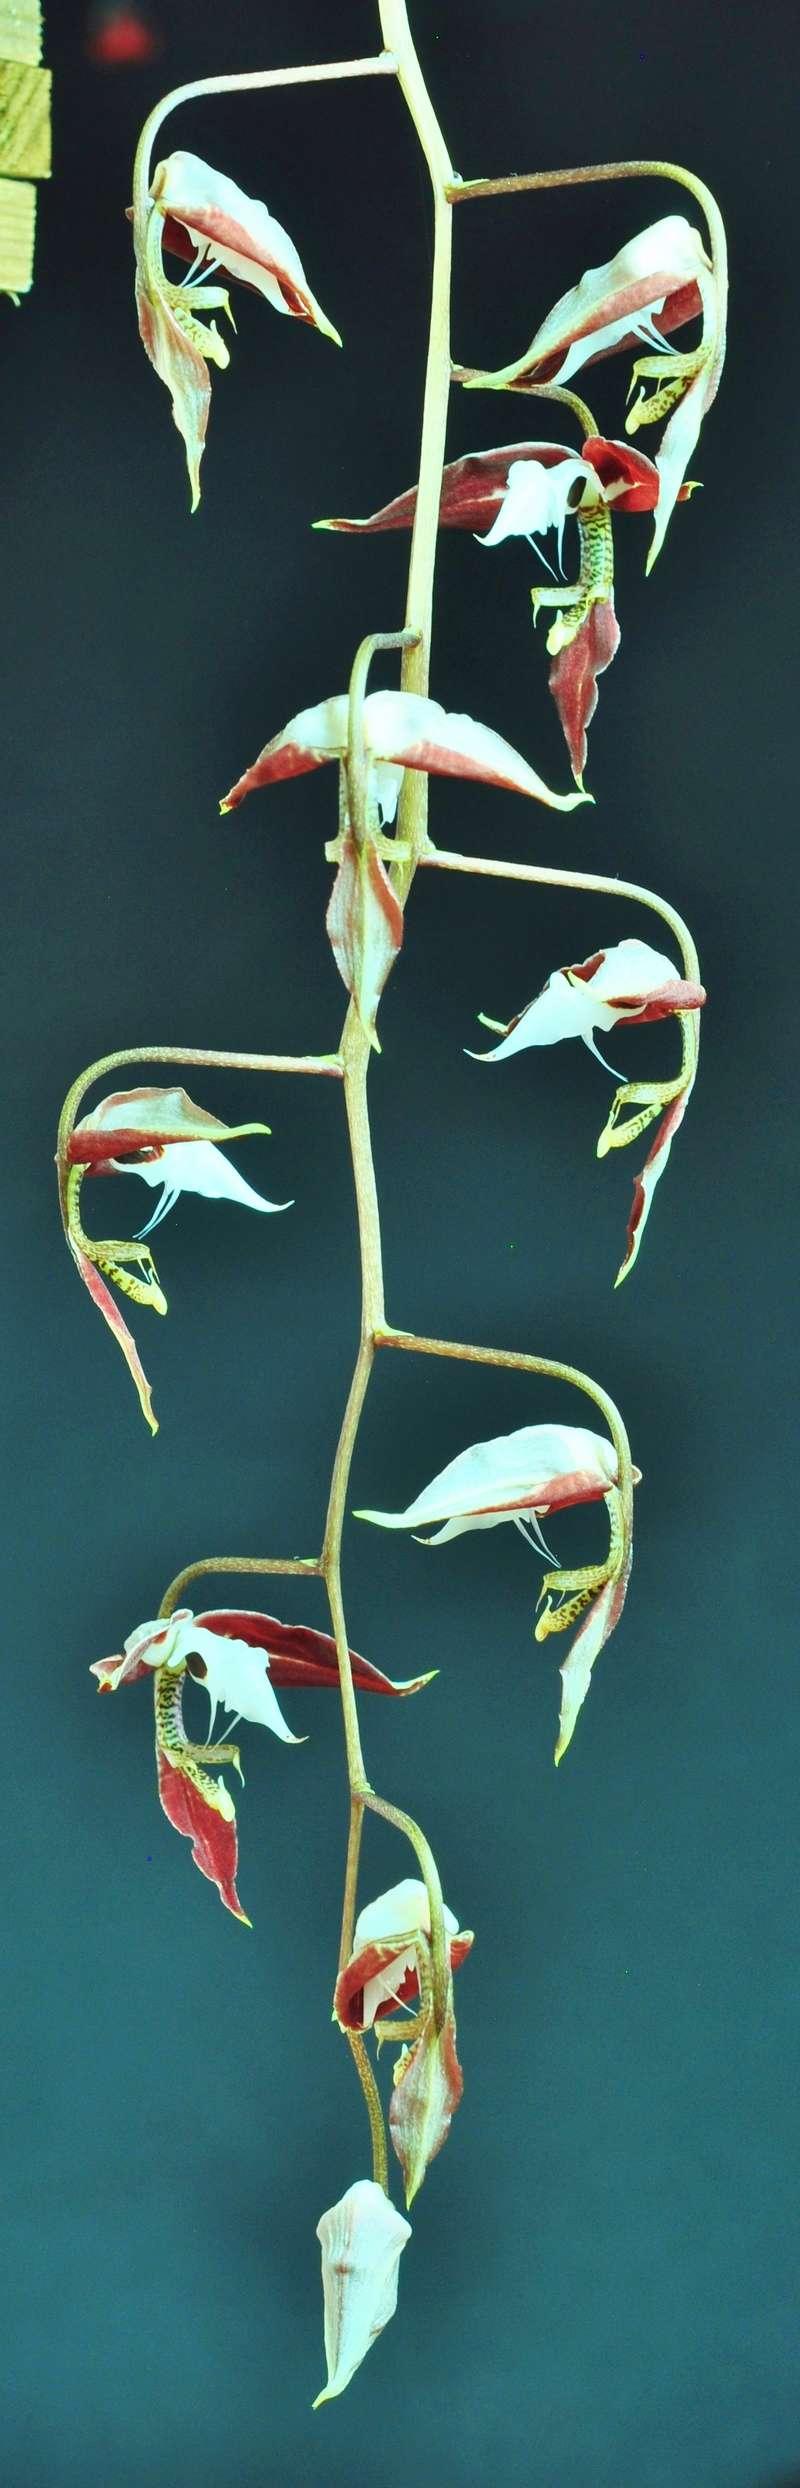 Gongora chocoensis 2 2017-146